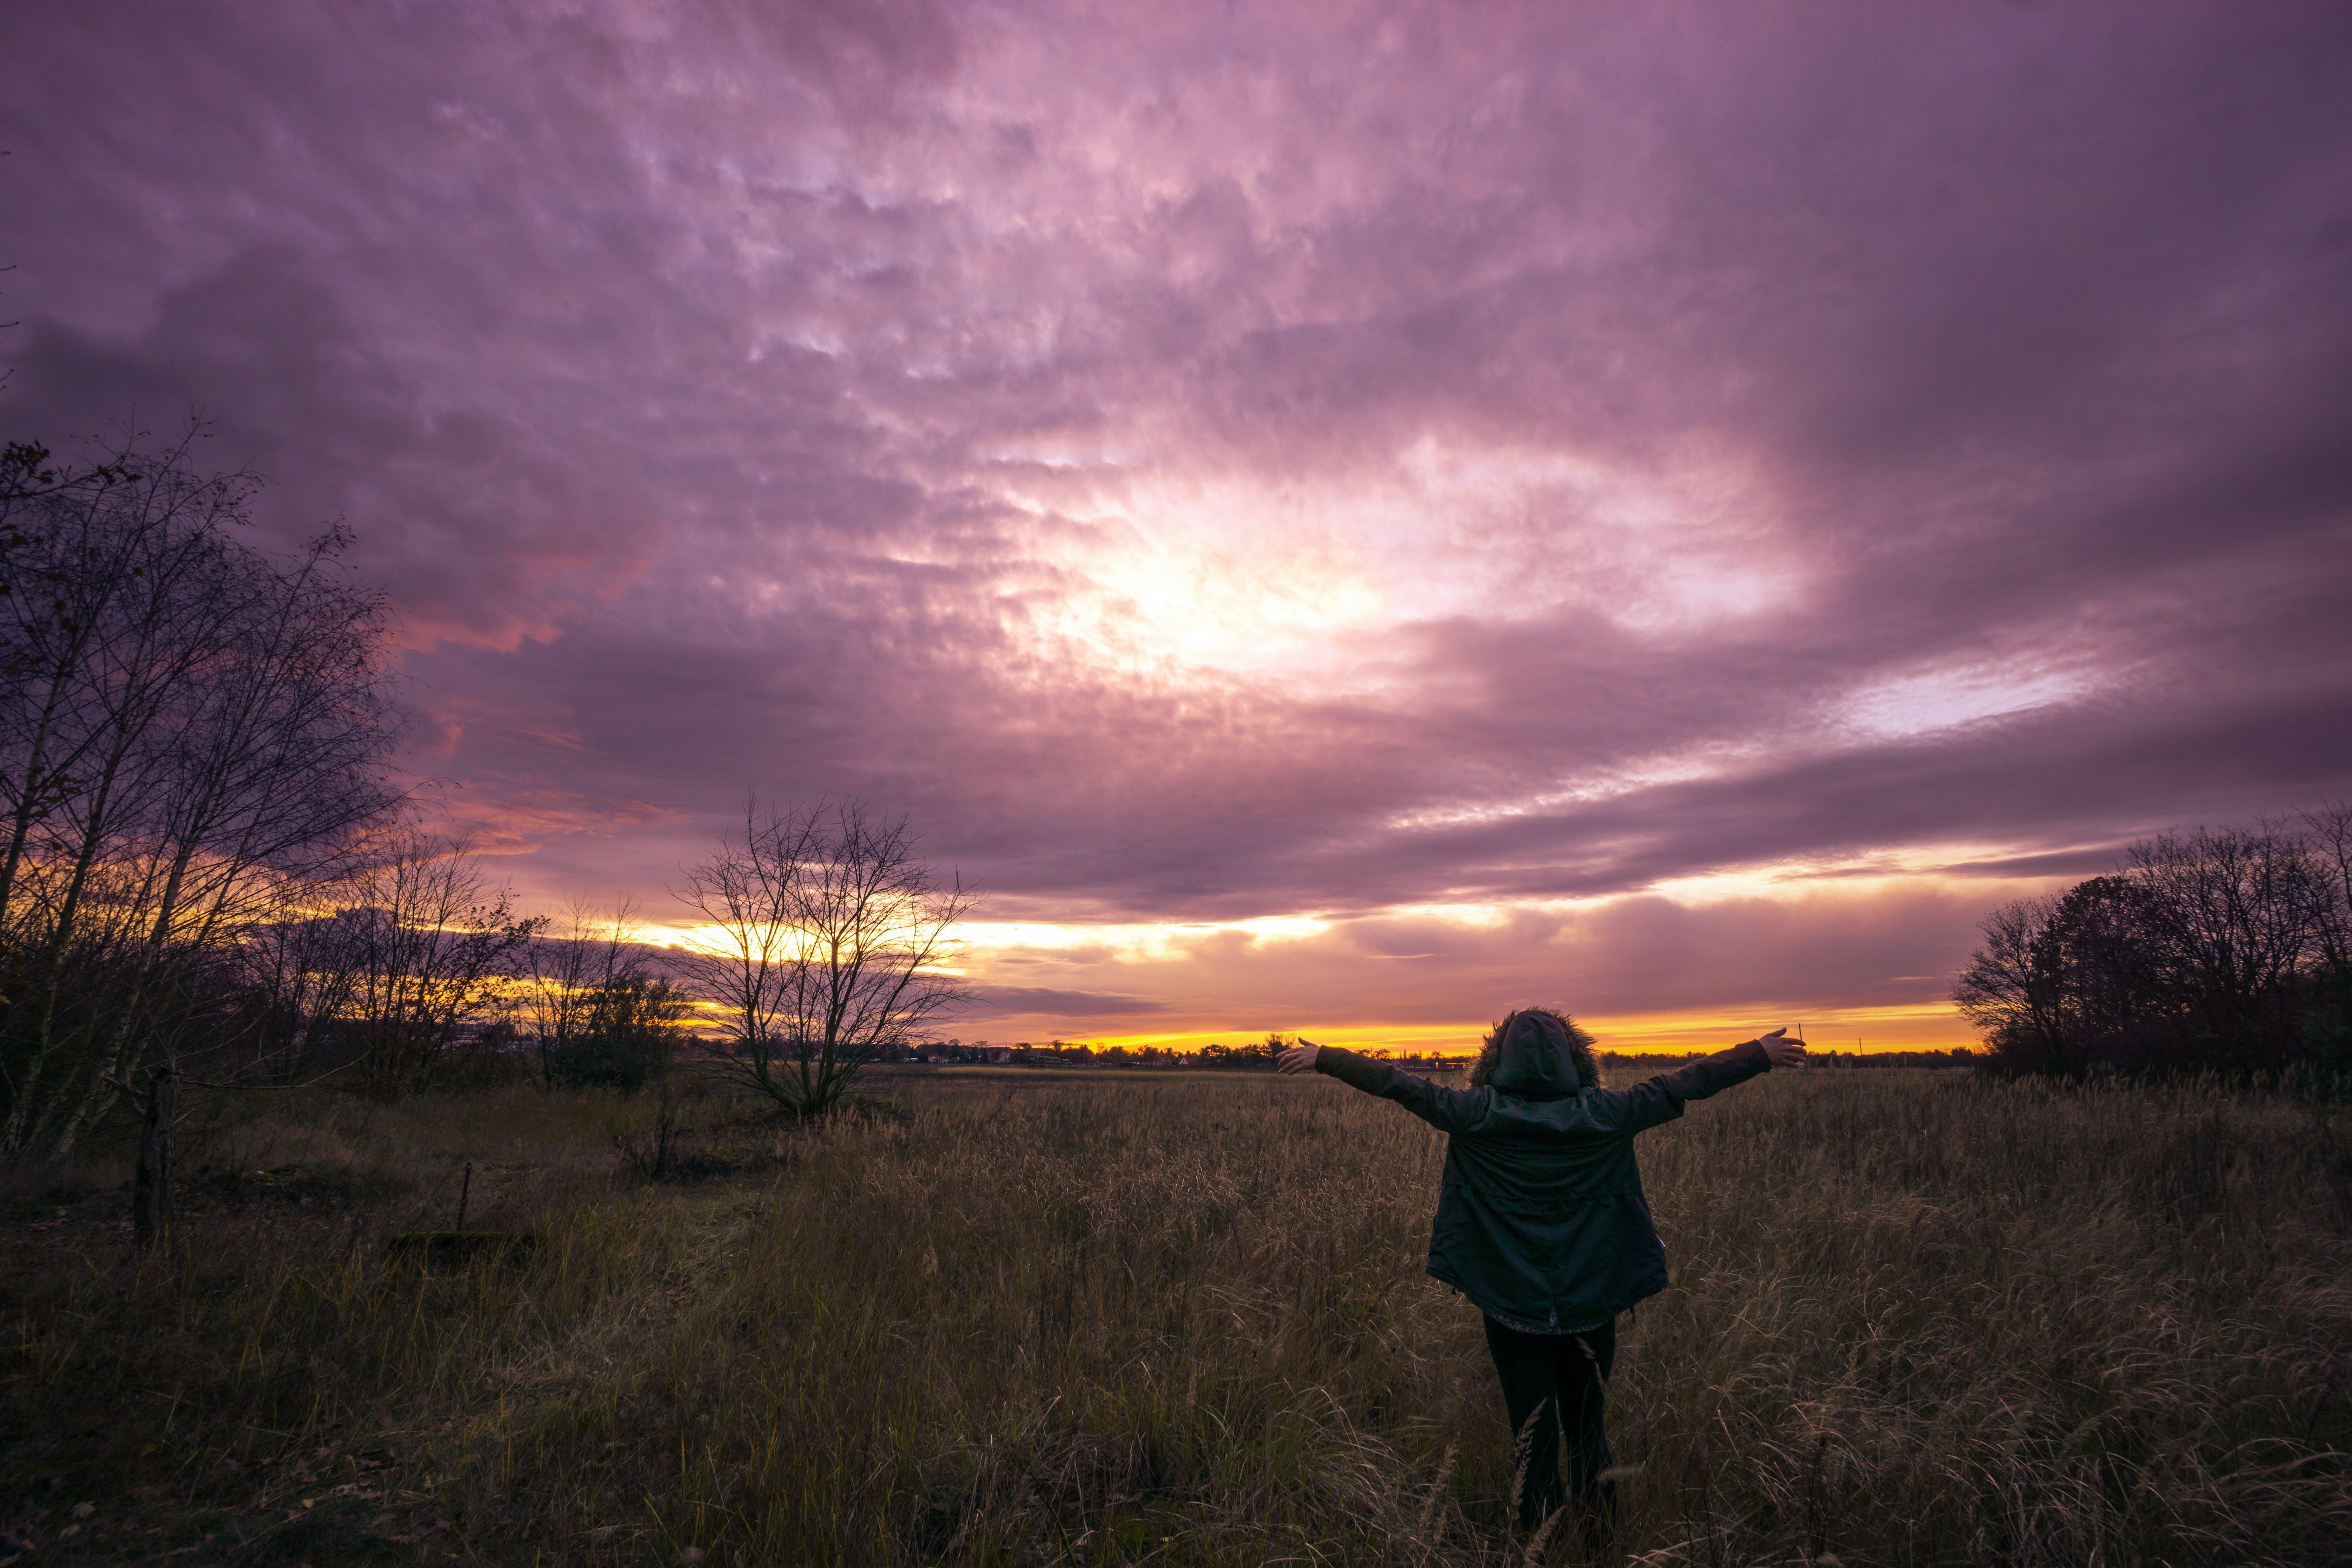 Δωρεάν στοκ φωτογραφιών με Ανατολή ηλίου, άνδρας, ανθρώπινος, άνθρωπος